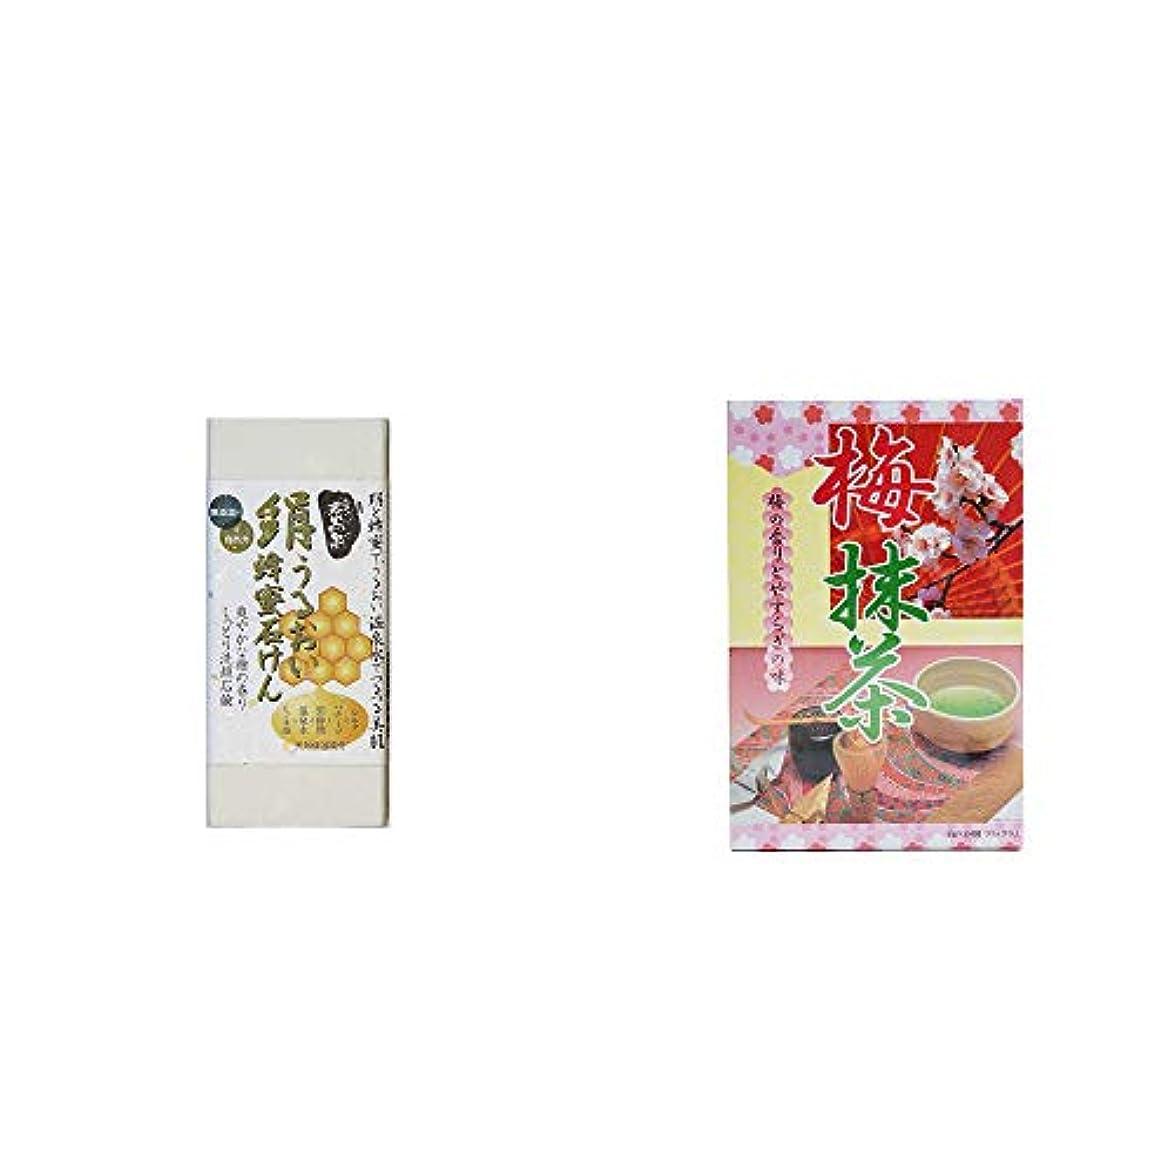 ポンペイジュース場合[2点セット] ひのき炭黒泉 絹うるおい蜂蜜石けん(75g×2)?梅抹茶[大](24袋)